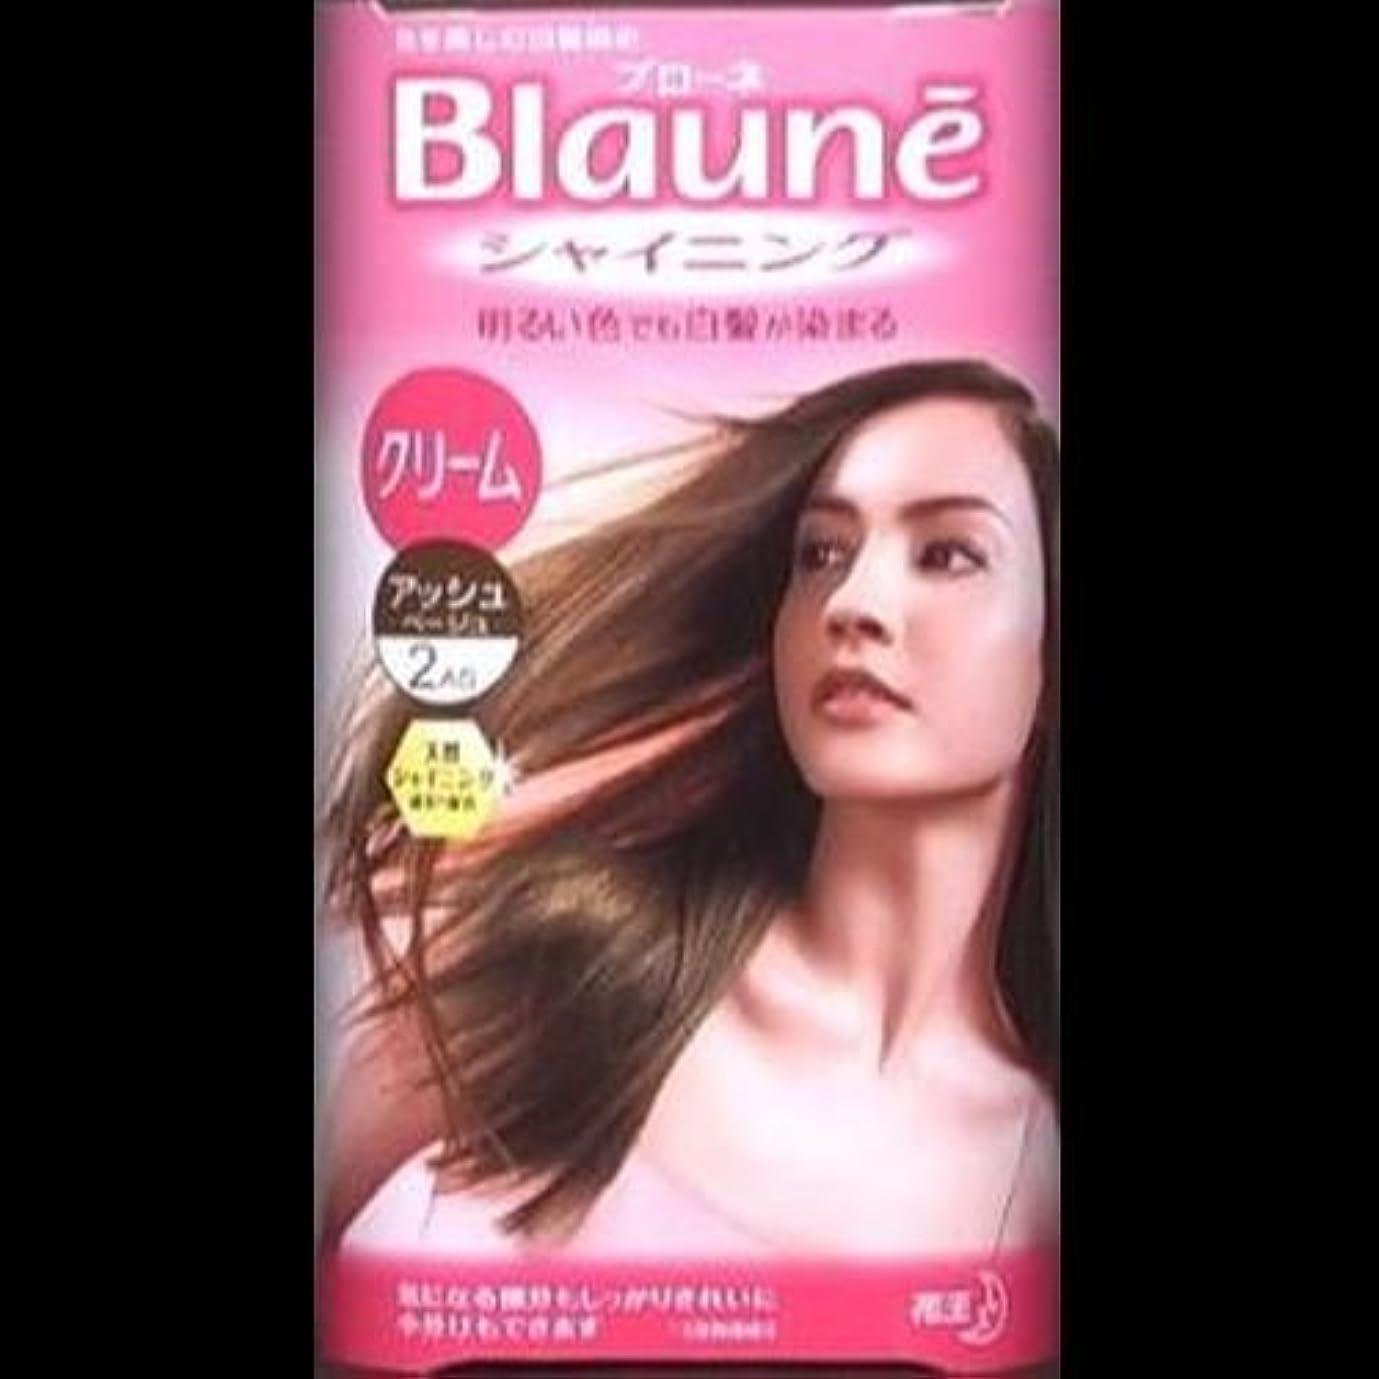 電子レンジクスクスくま【まとめ買い】ブローネシャイニングヘアカラークリーム 2AS アッシュベージュ ×2セット